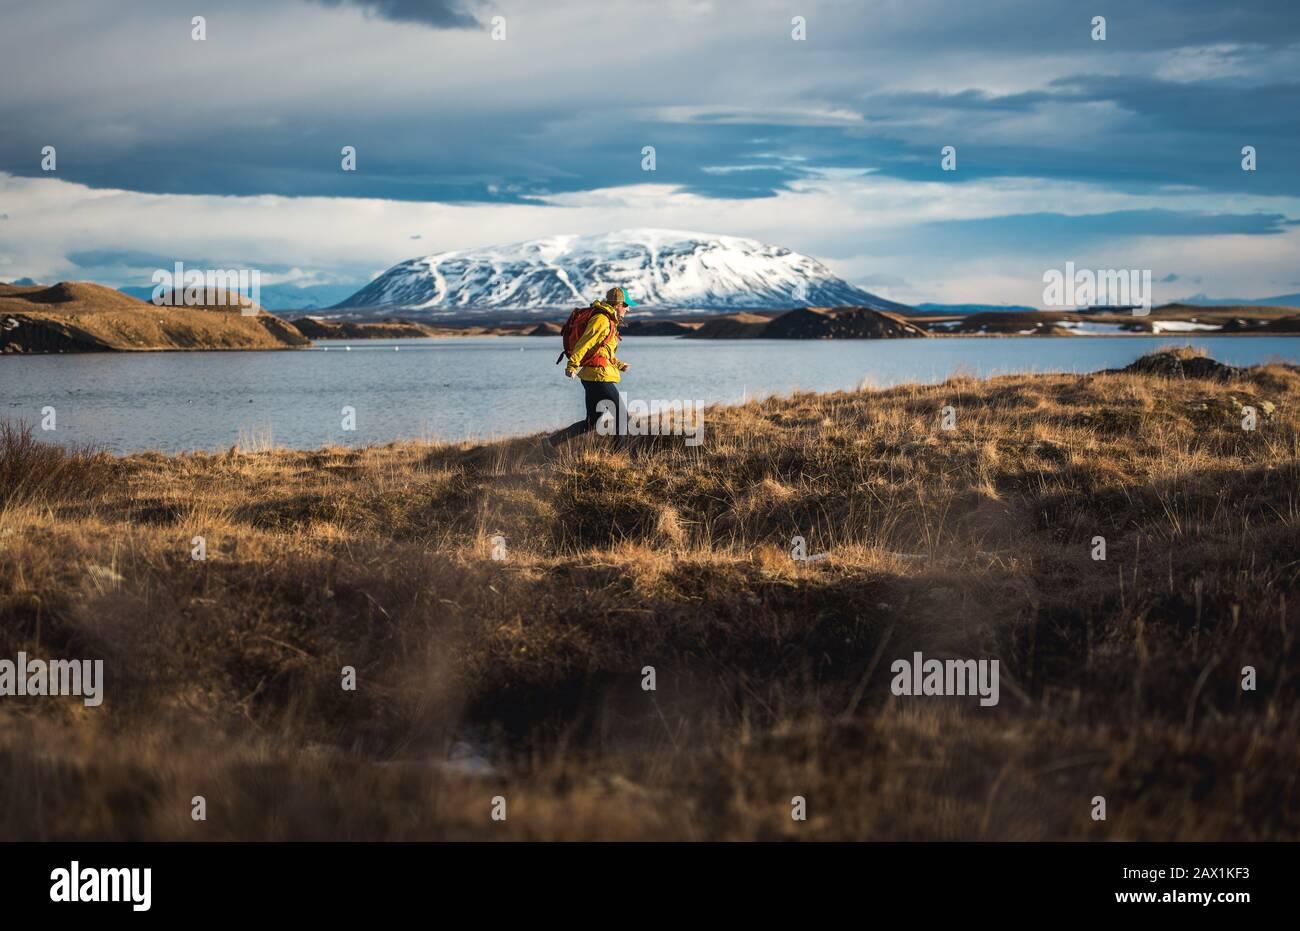 Mujer caminando por el campo junto al lago con montañas a distancia Foto de stock